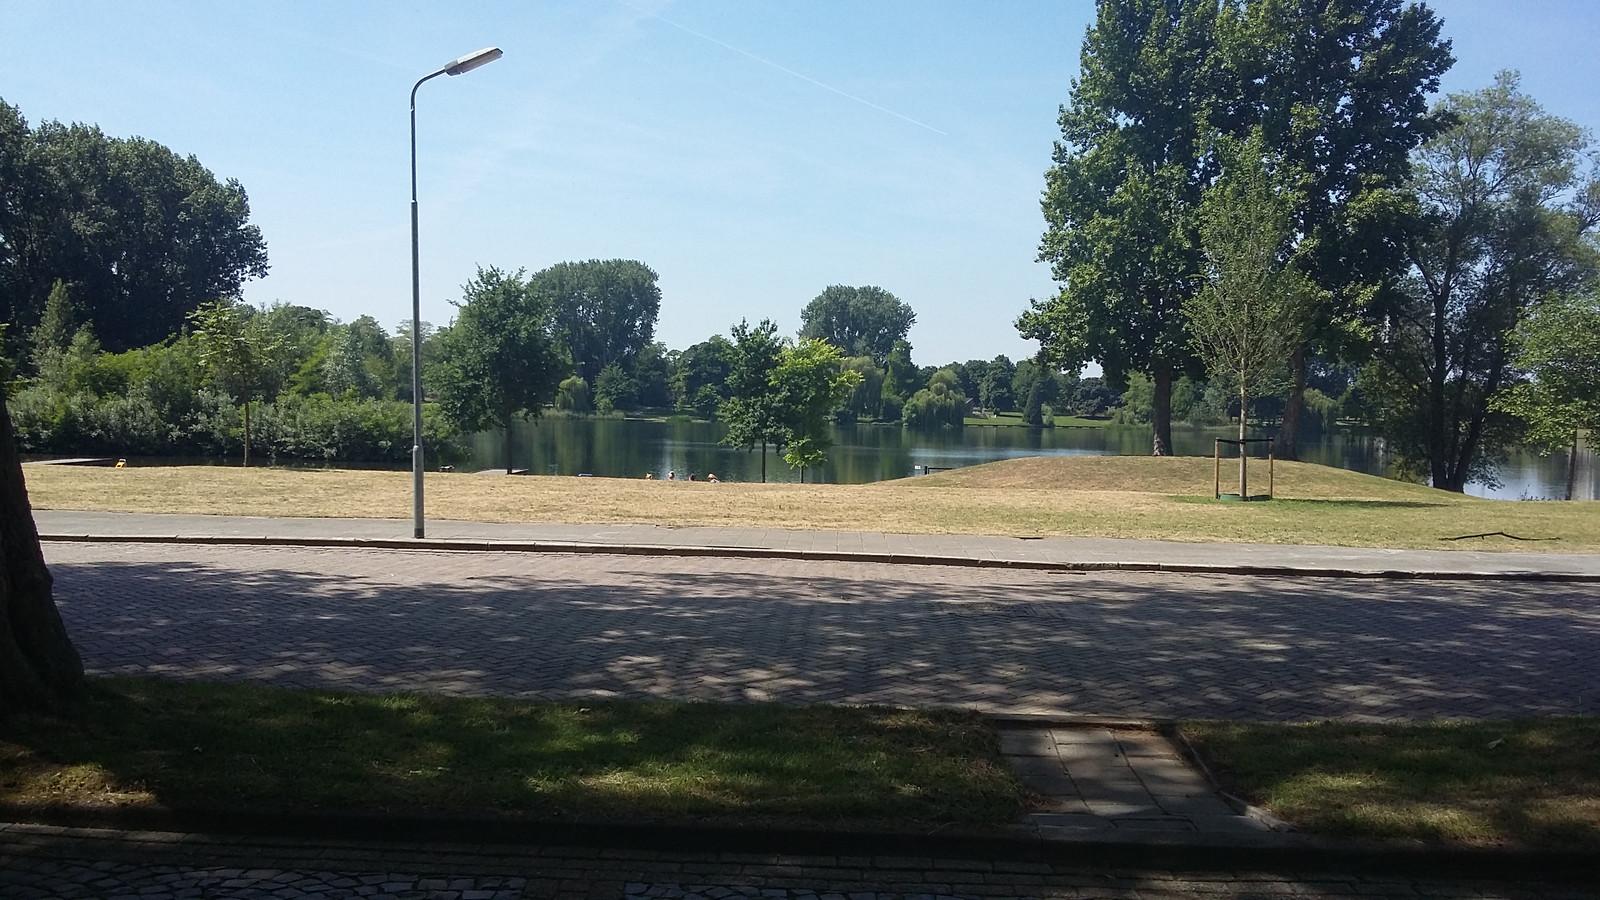 De locatie waar het Brabantbad aan de IJzeren Vrouw in Den Bosch heeft gestaan.